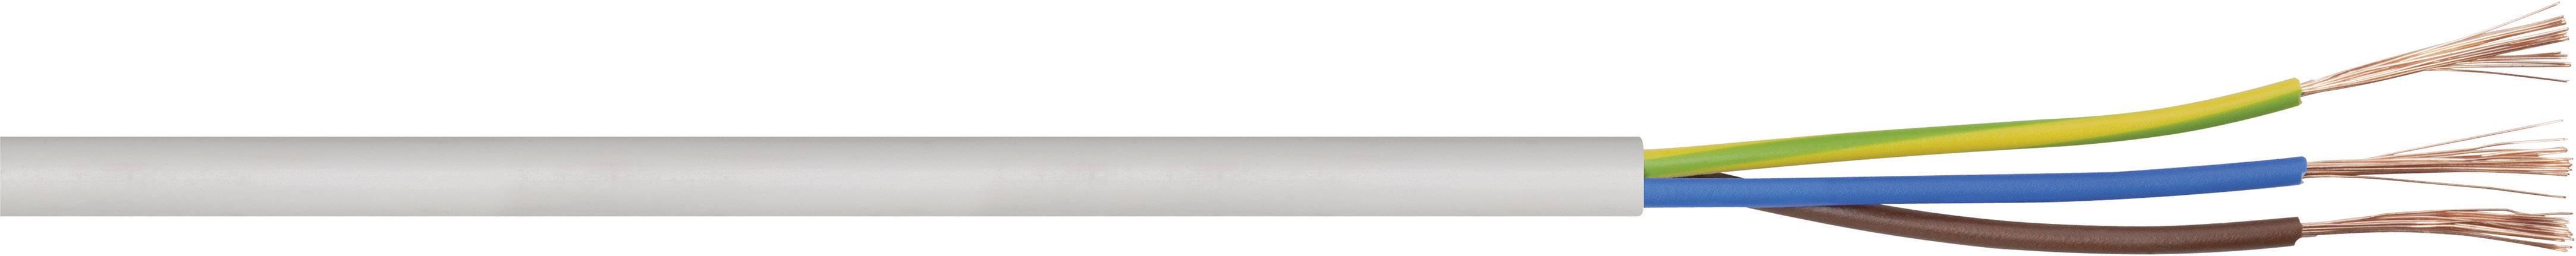 Vícežílový kabel LappKabel H03VV-F, 49900069/500, 4 G 0.75 mm², bílá, 500 m